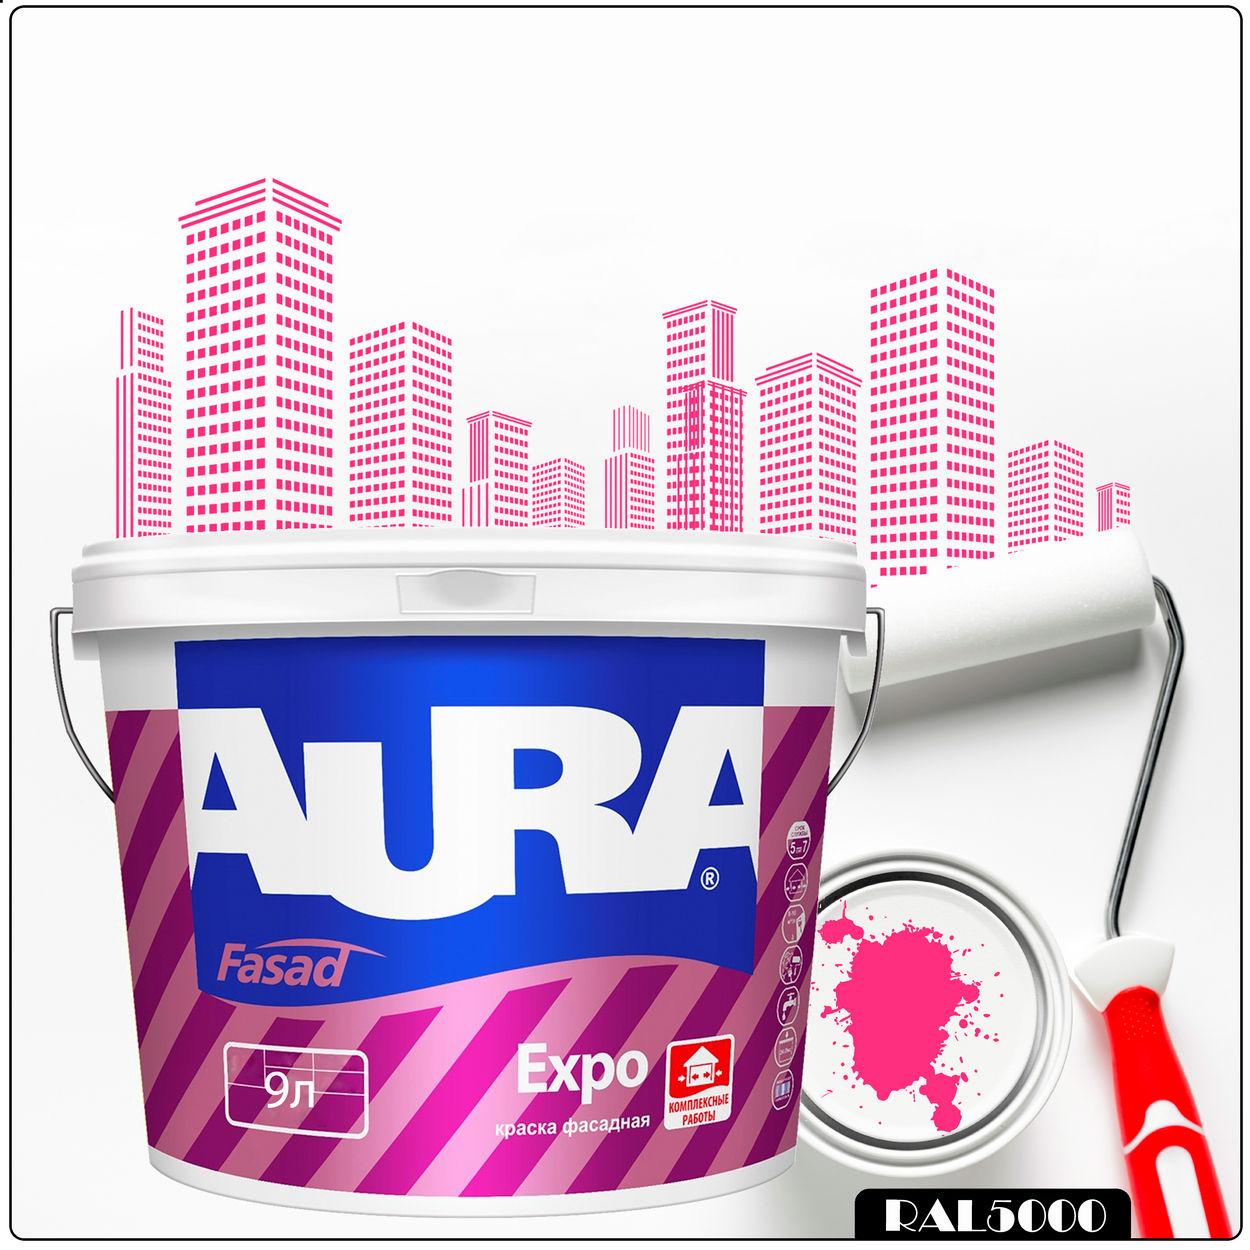 Фото 1 - Краска Aura Fasad Expo, RAL 5000 Фиолетово-синий, матовая, для фасадов и помещений с повышенной влажностью, 9л.